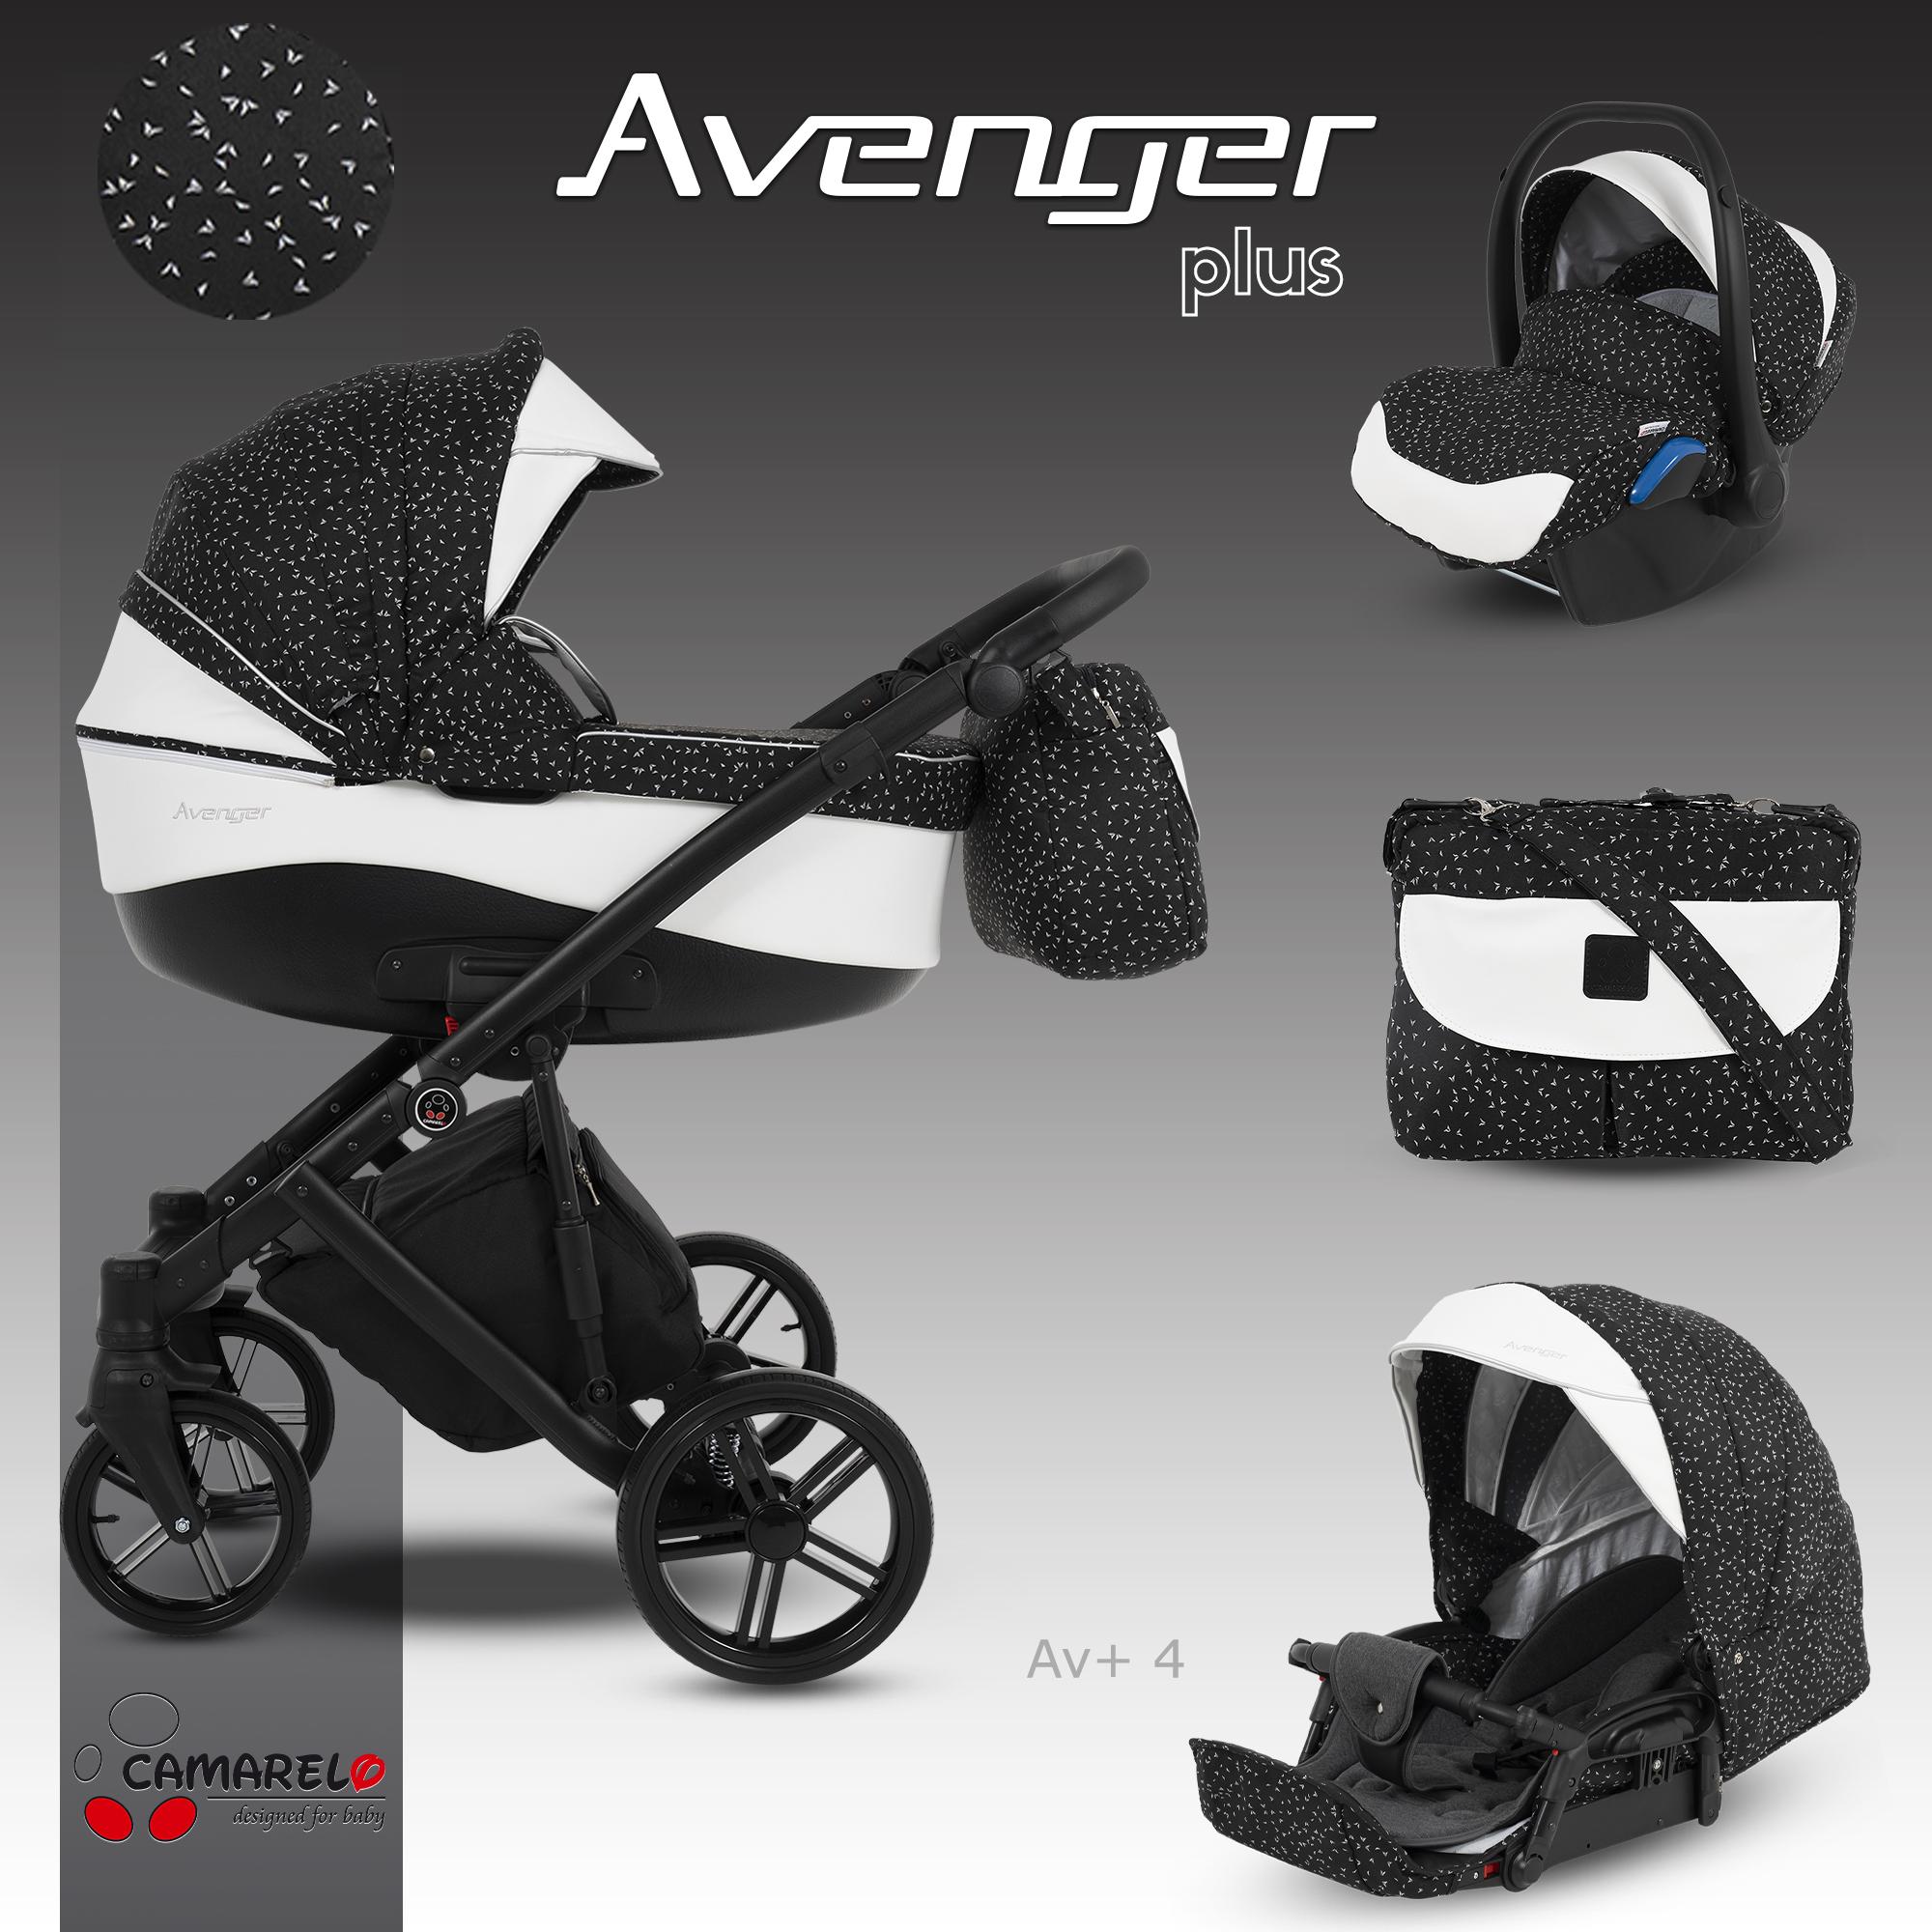 Avenger-4